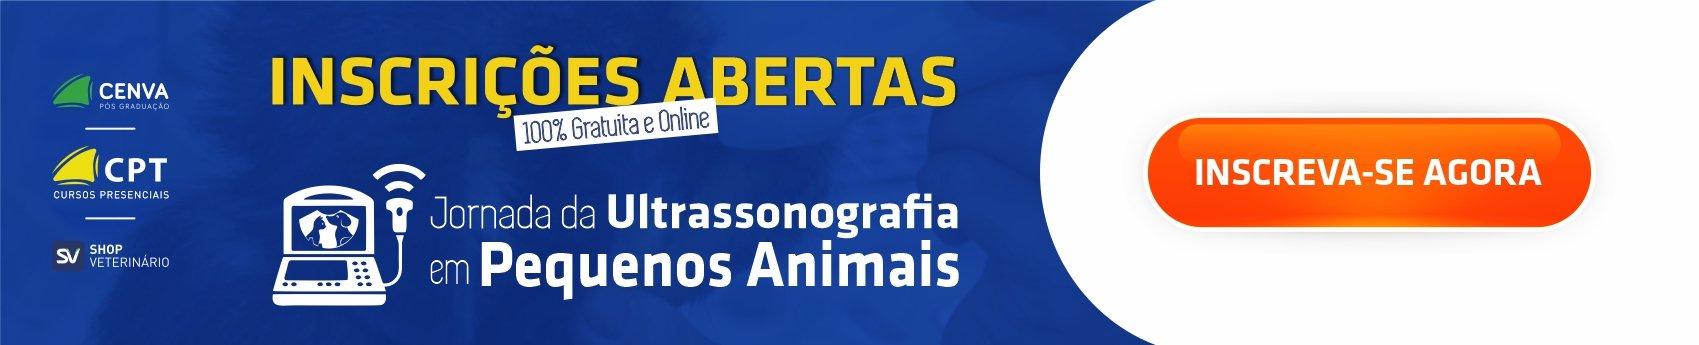 Jornada da Ultrassonografia em Pequenos Animais